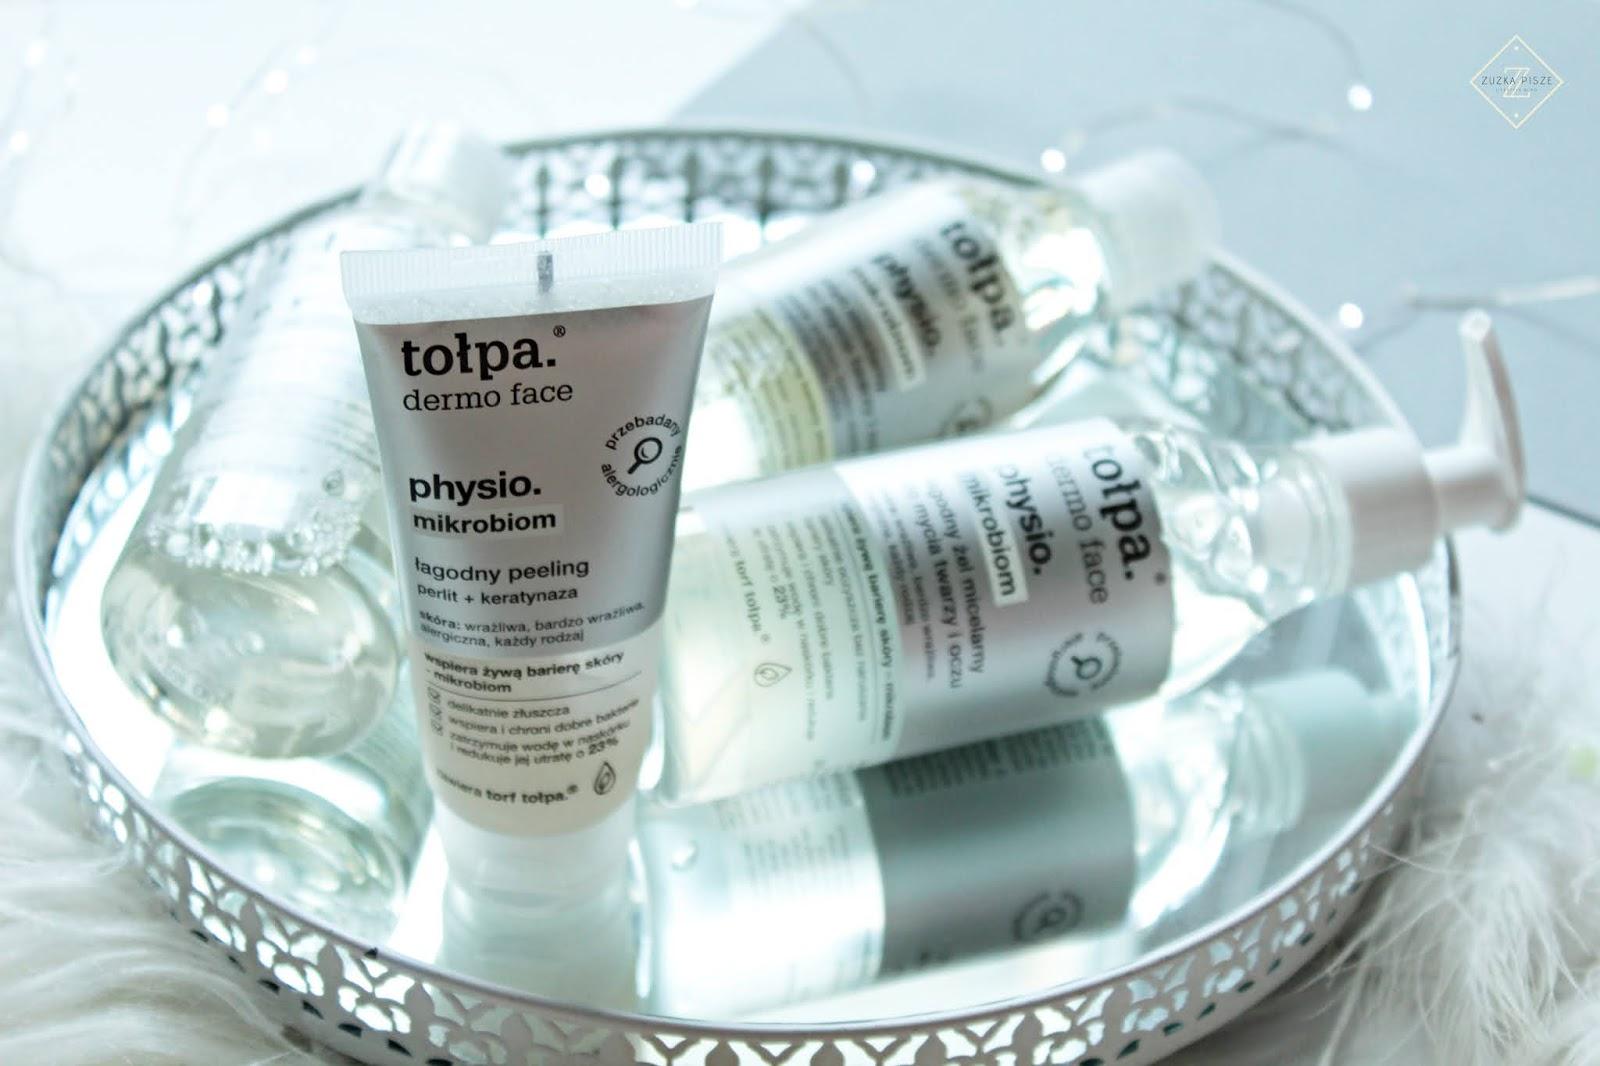 tołpa.® dermo face physio. mikrobiom - kosmetyki do oczyszczania twarzy